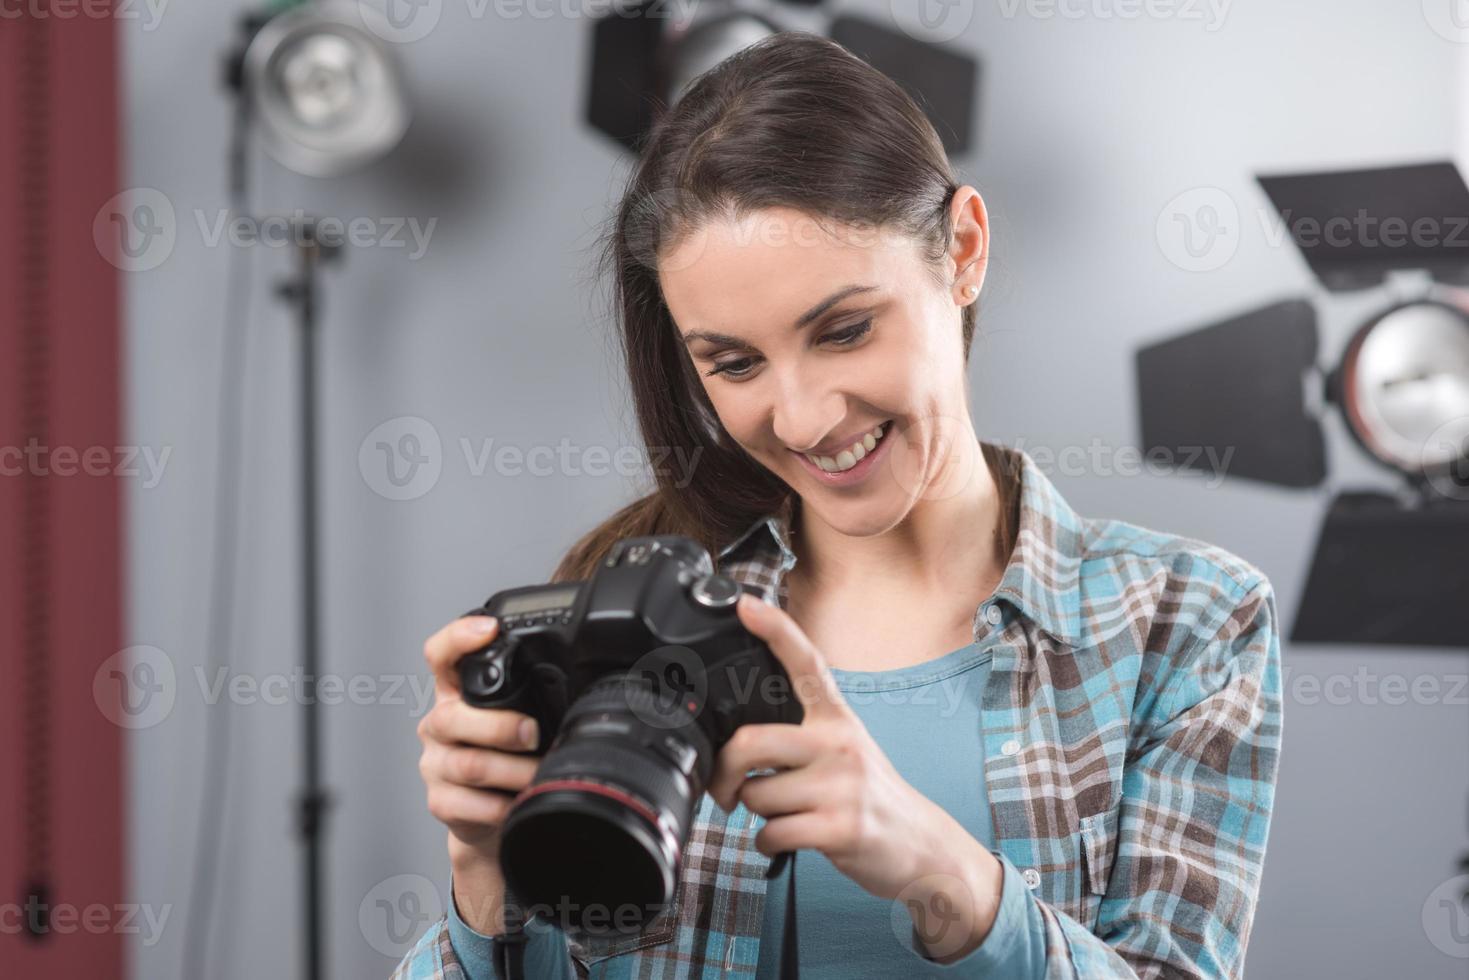 Fotograf posiert in einem professionellen Studio foto